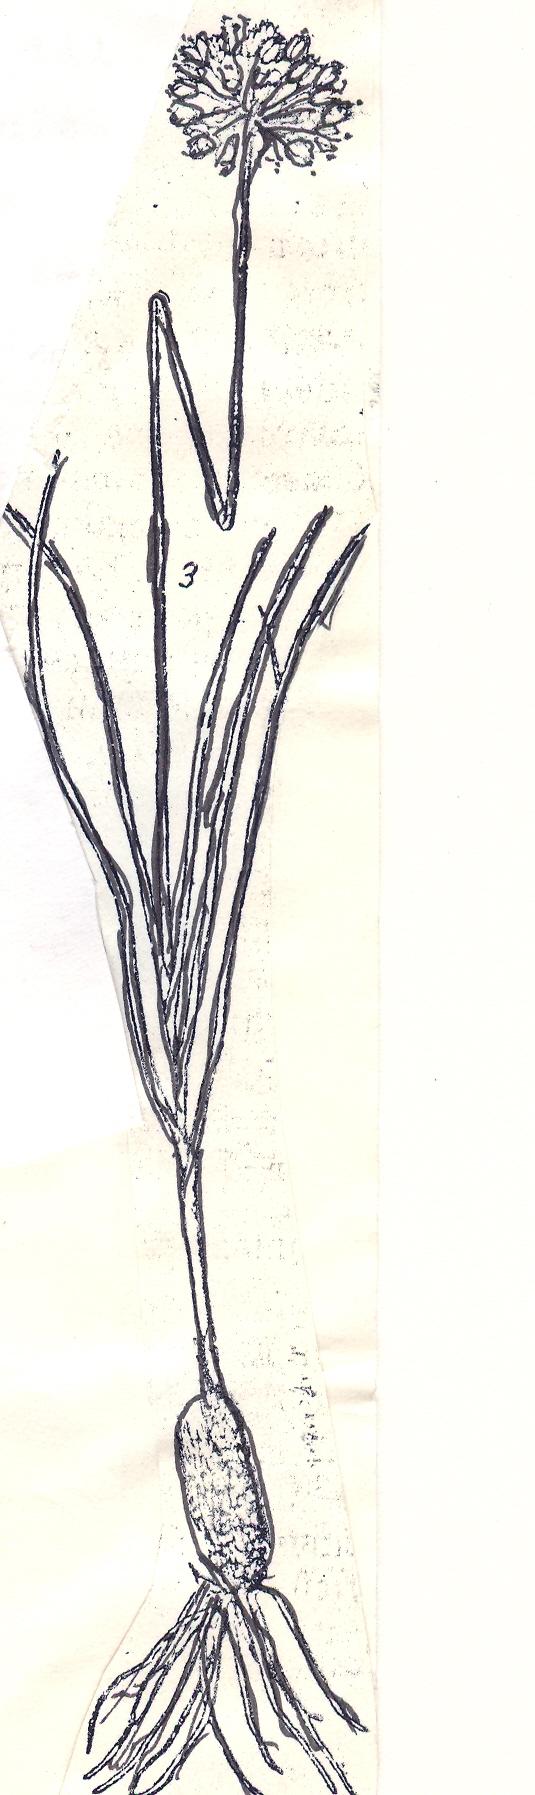 Allium%20oreoscordum.jpg